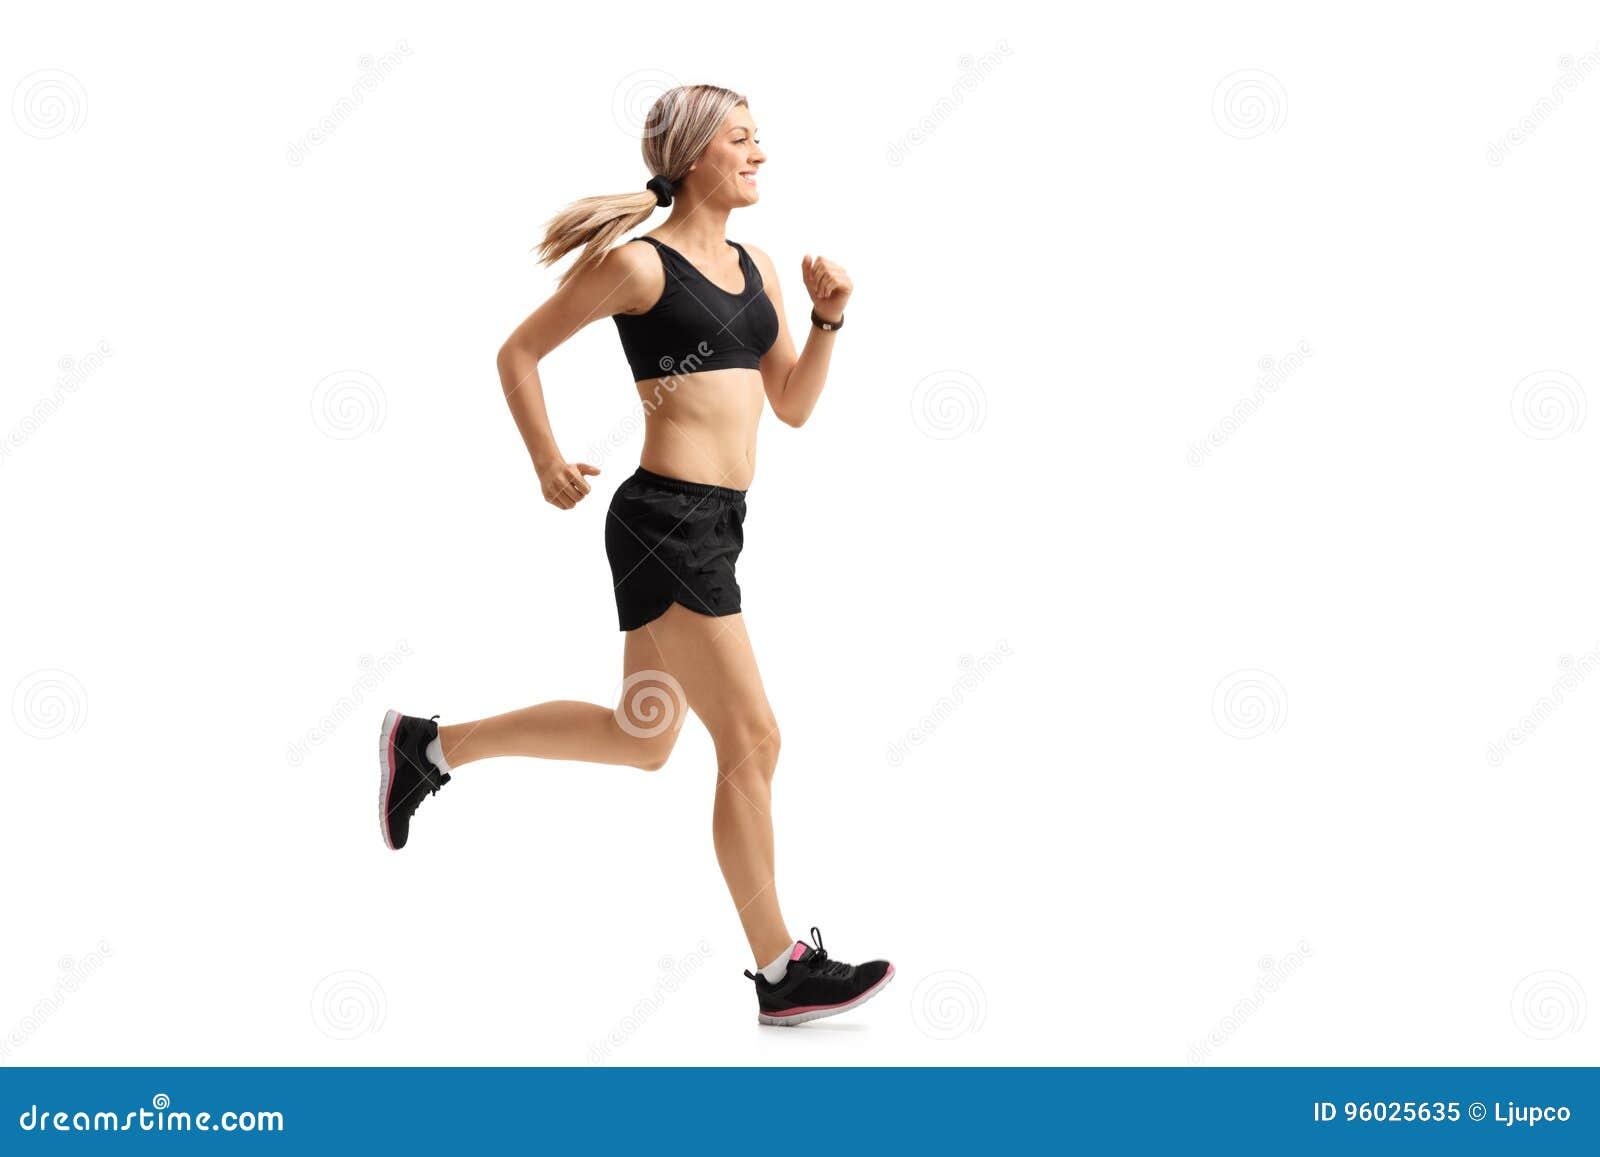 Pełny długość profil strzelał kobieta bieg